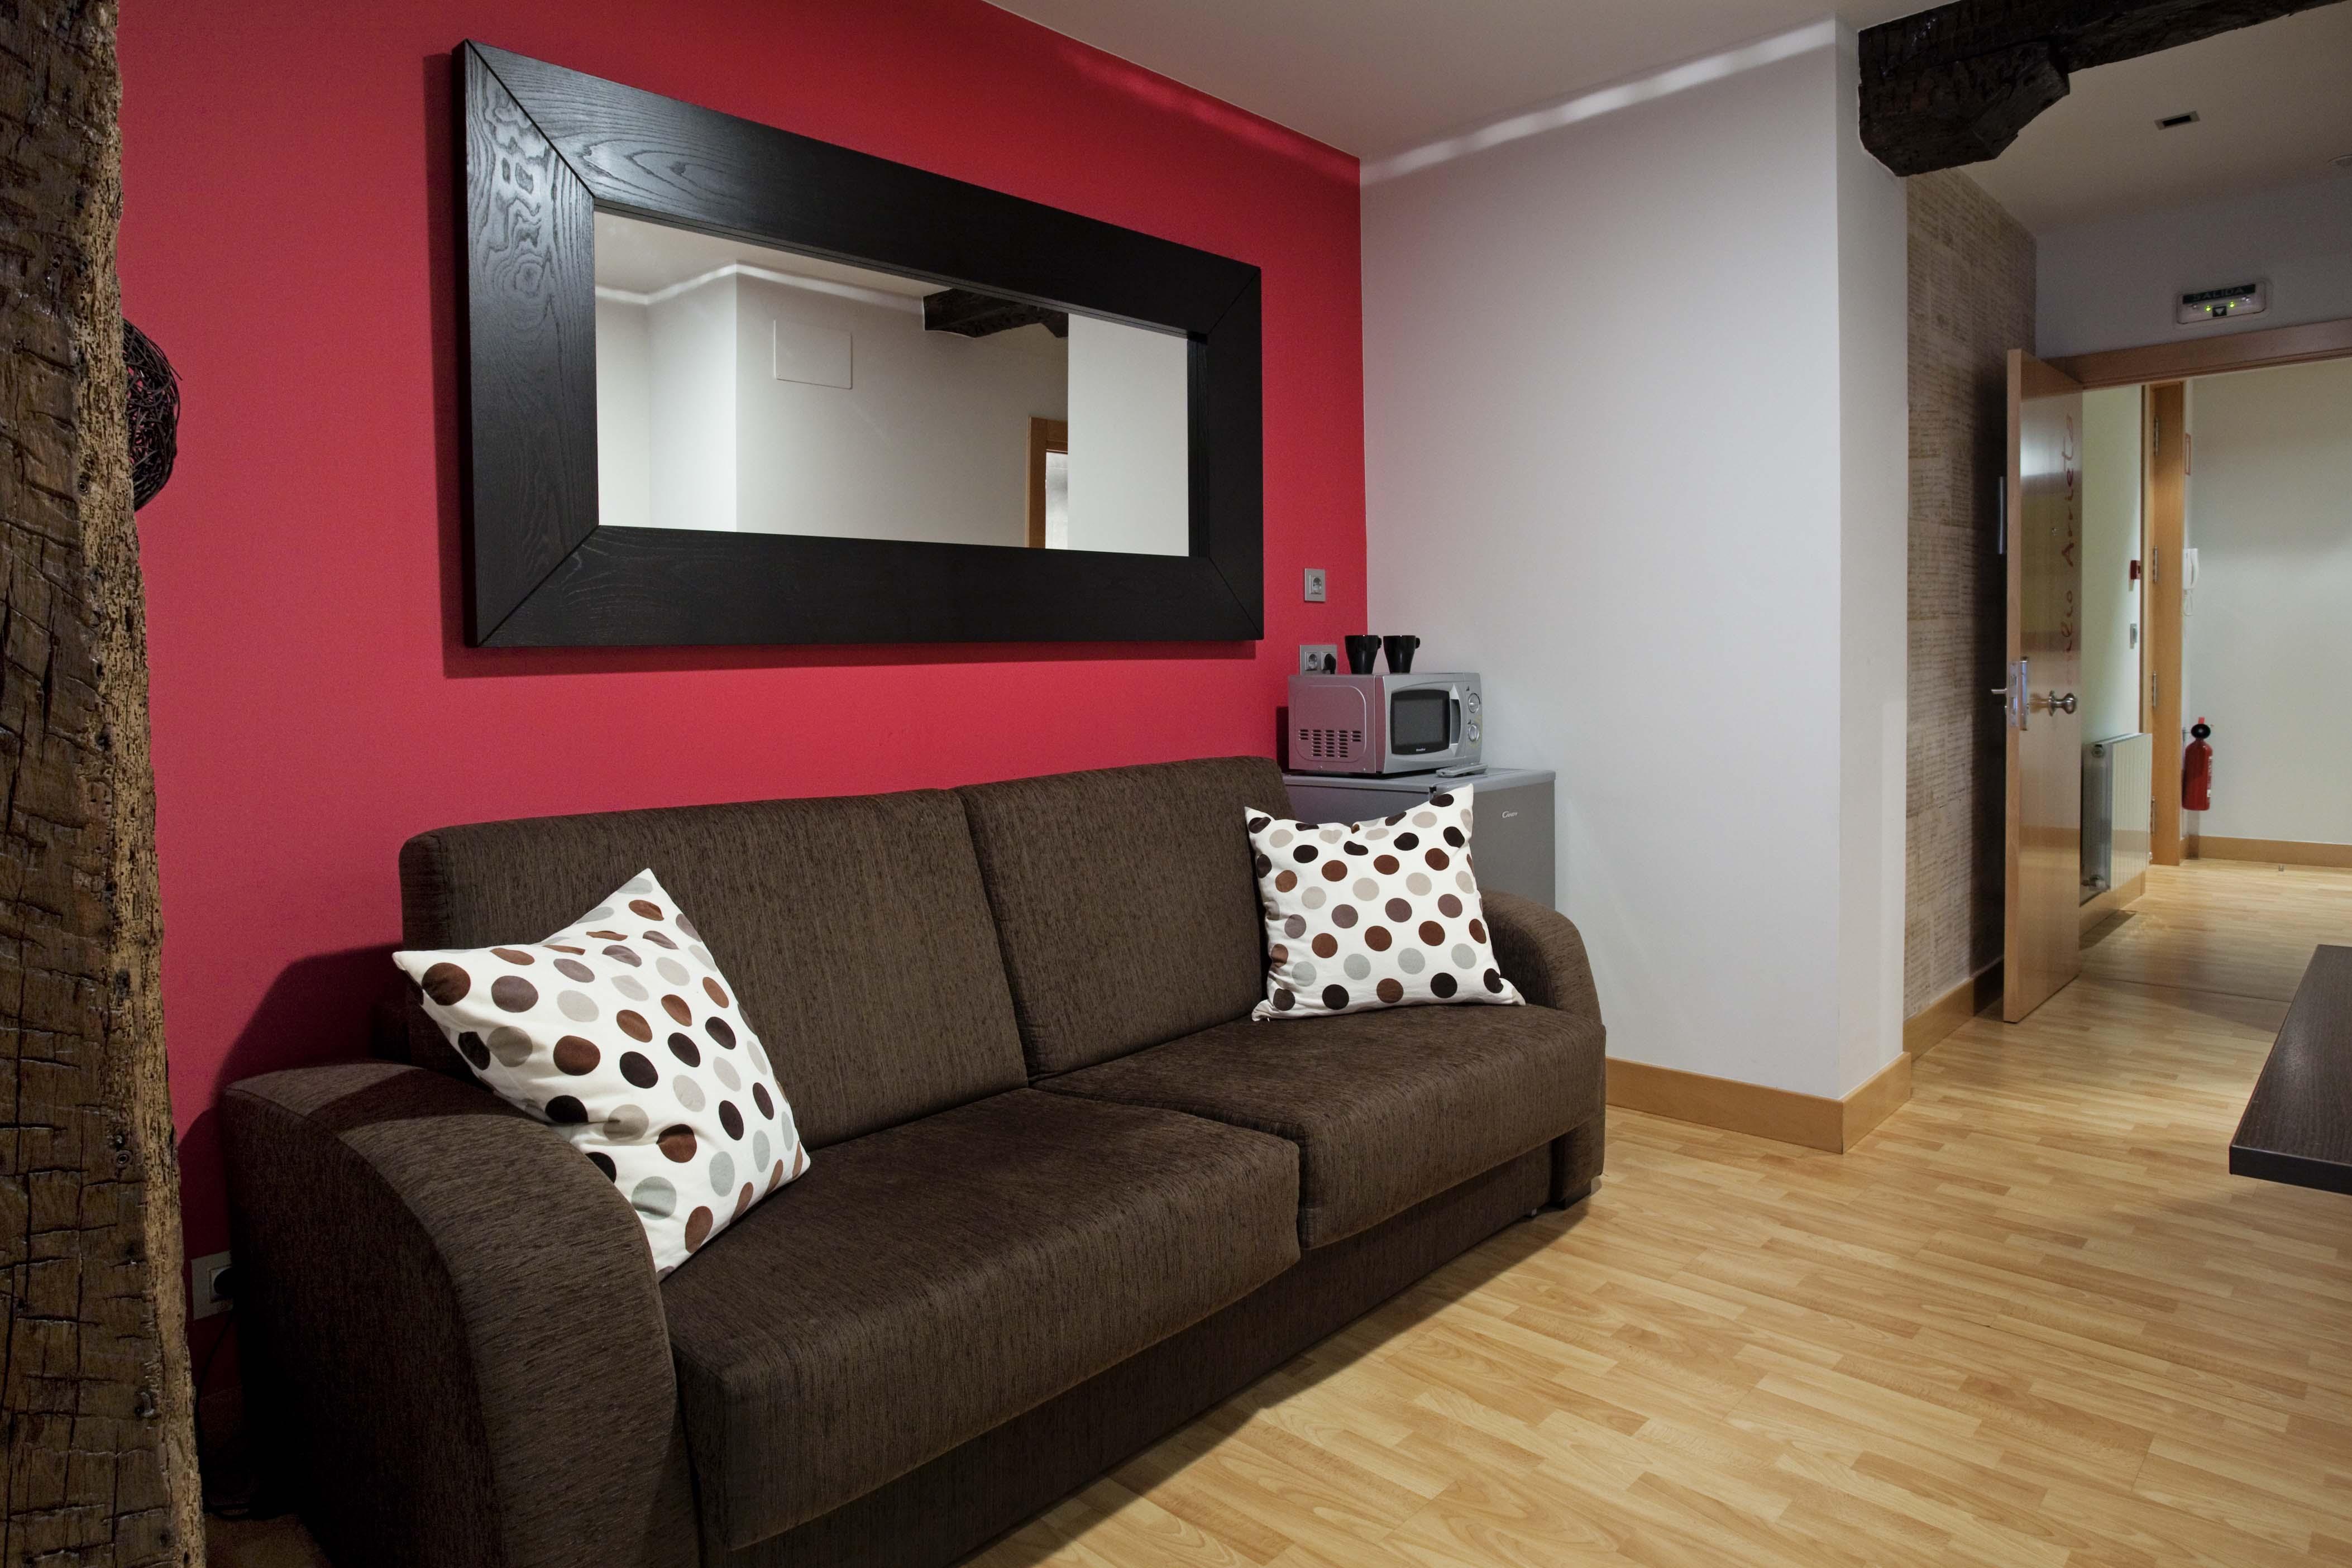 2010-11-03 Arriaga suites95